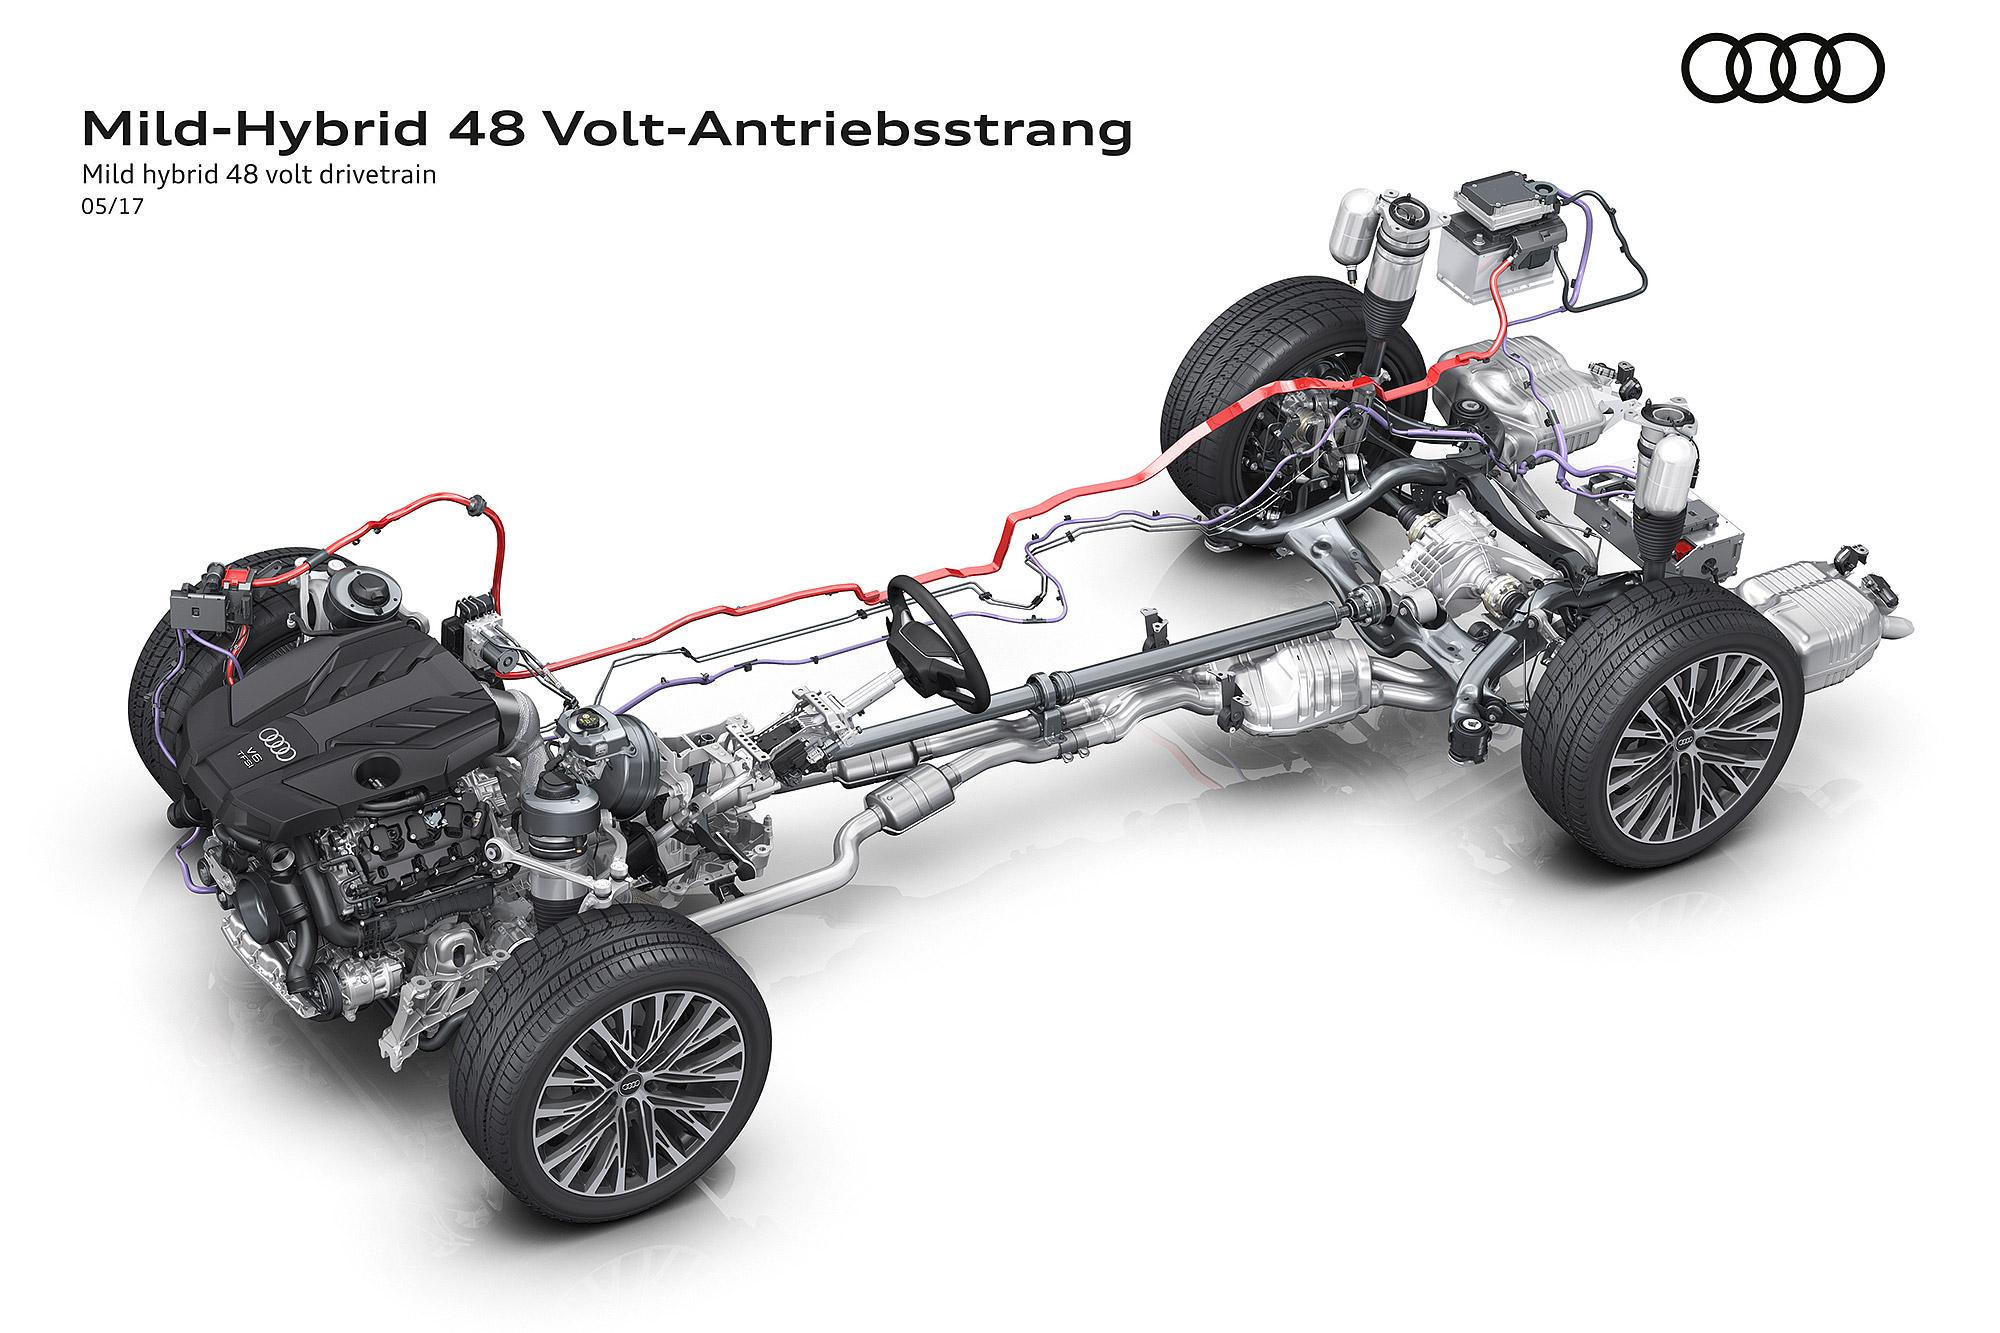 Mild-Hybrid 輕度油電複合動力系統,成為目前車廠降低內燃機引擎油耗以及二氧化碳排放量的顯學。